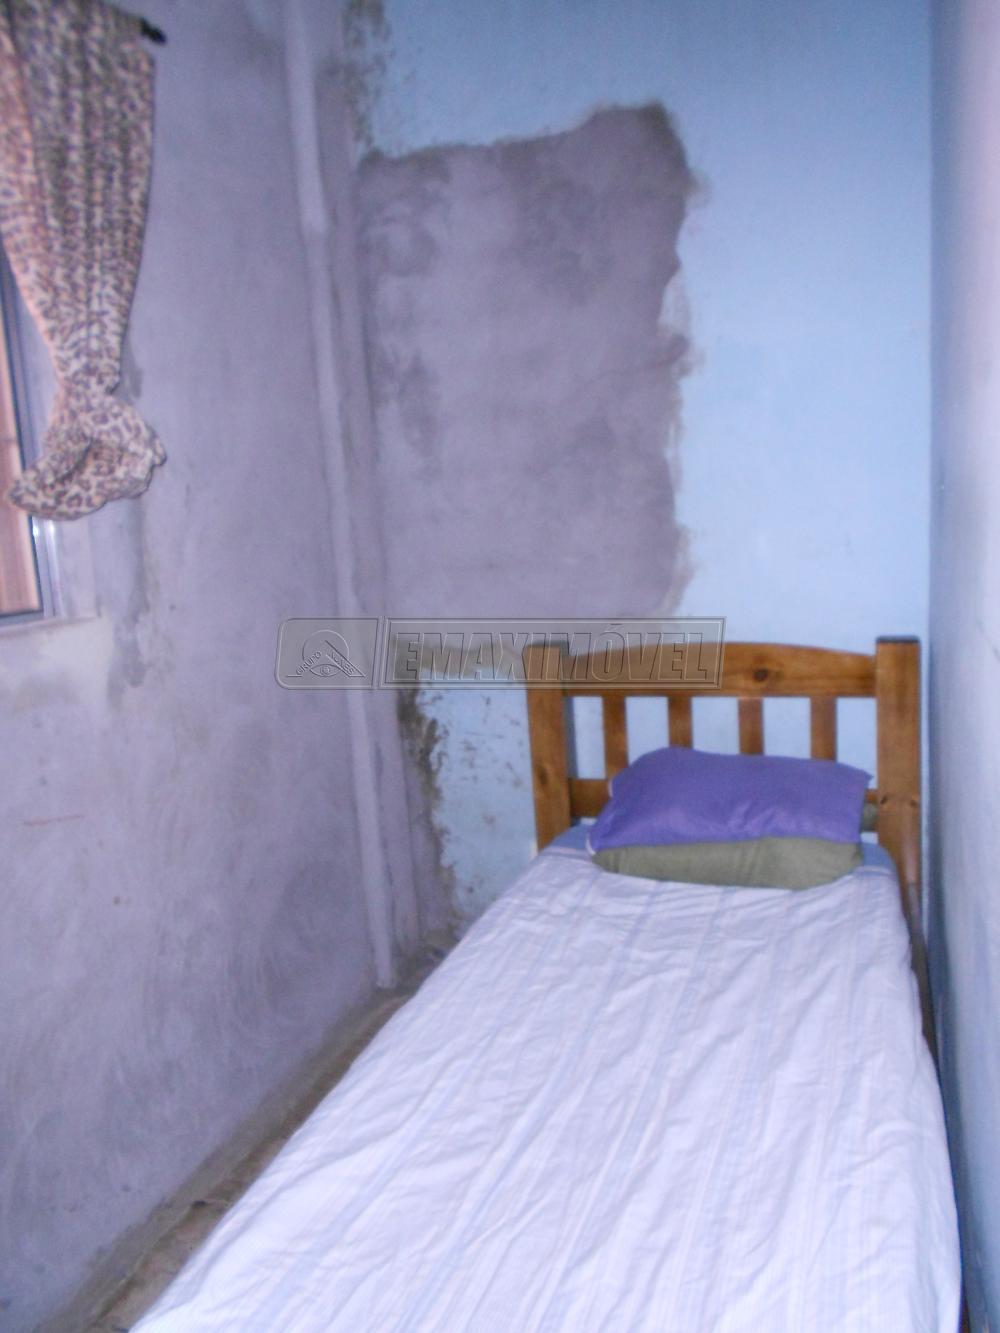 Comprar Casas / em Bairros em Sorocaba apenas R$ 290.000,00 - Foto 8